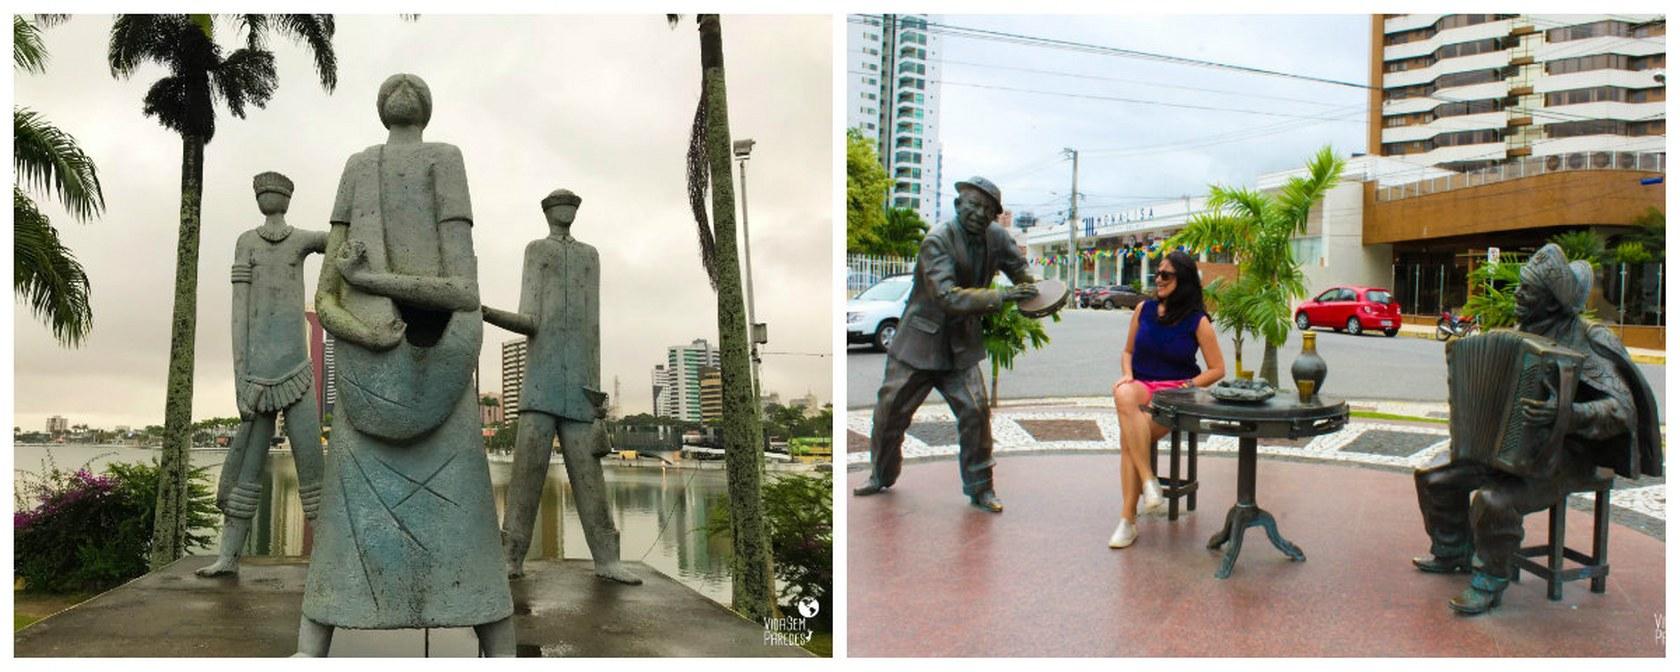 Dicas do que visitar em Campina Grande, na Paraíba: Monumentos no Açude Velho